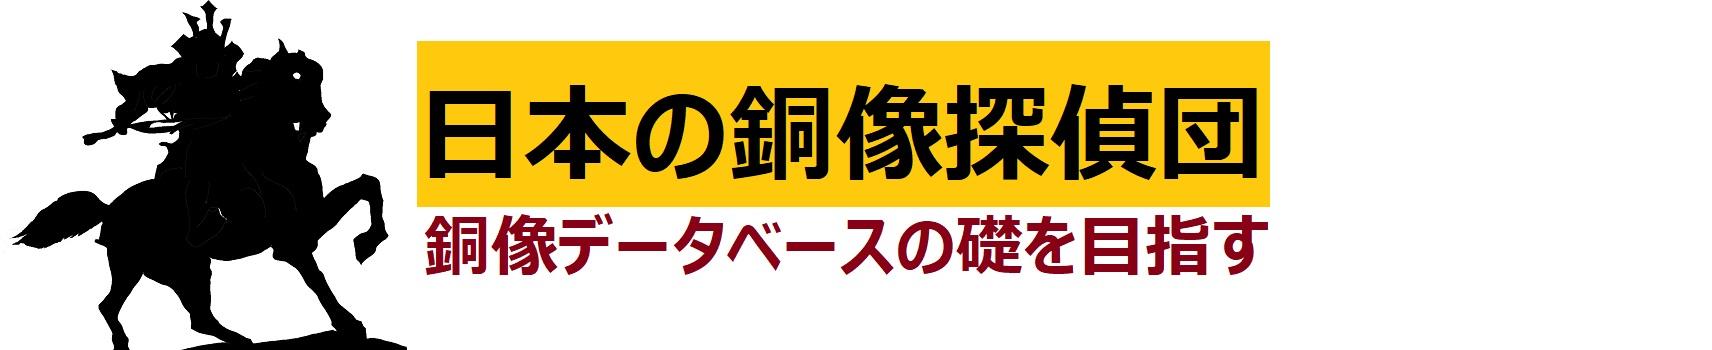 日本の銅像探偵団